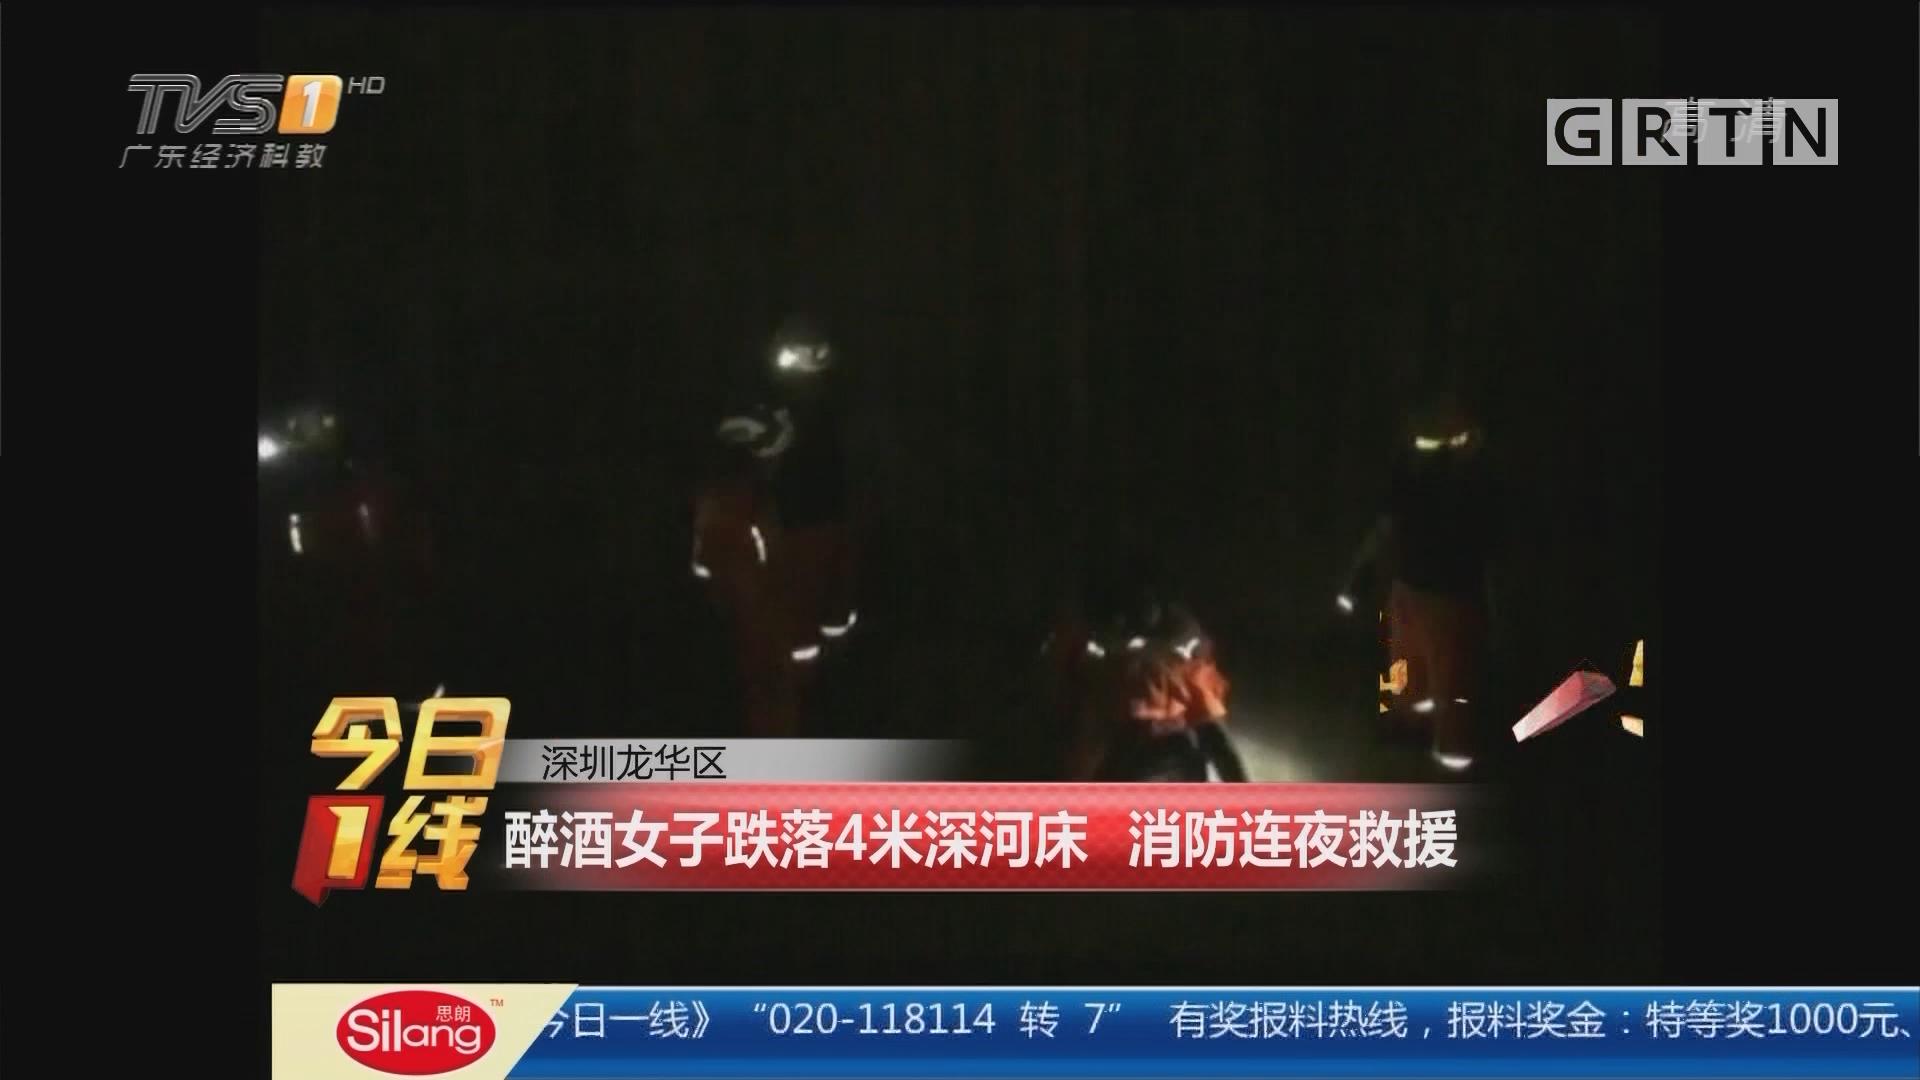 深圳龙华区:醉酒女子跌落4米深河床 消防连夜救援